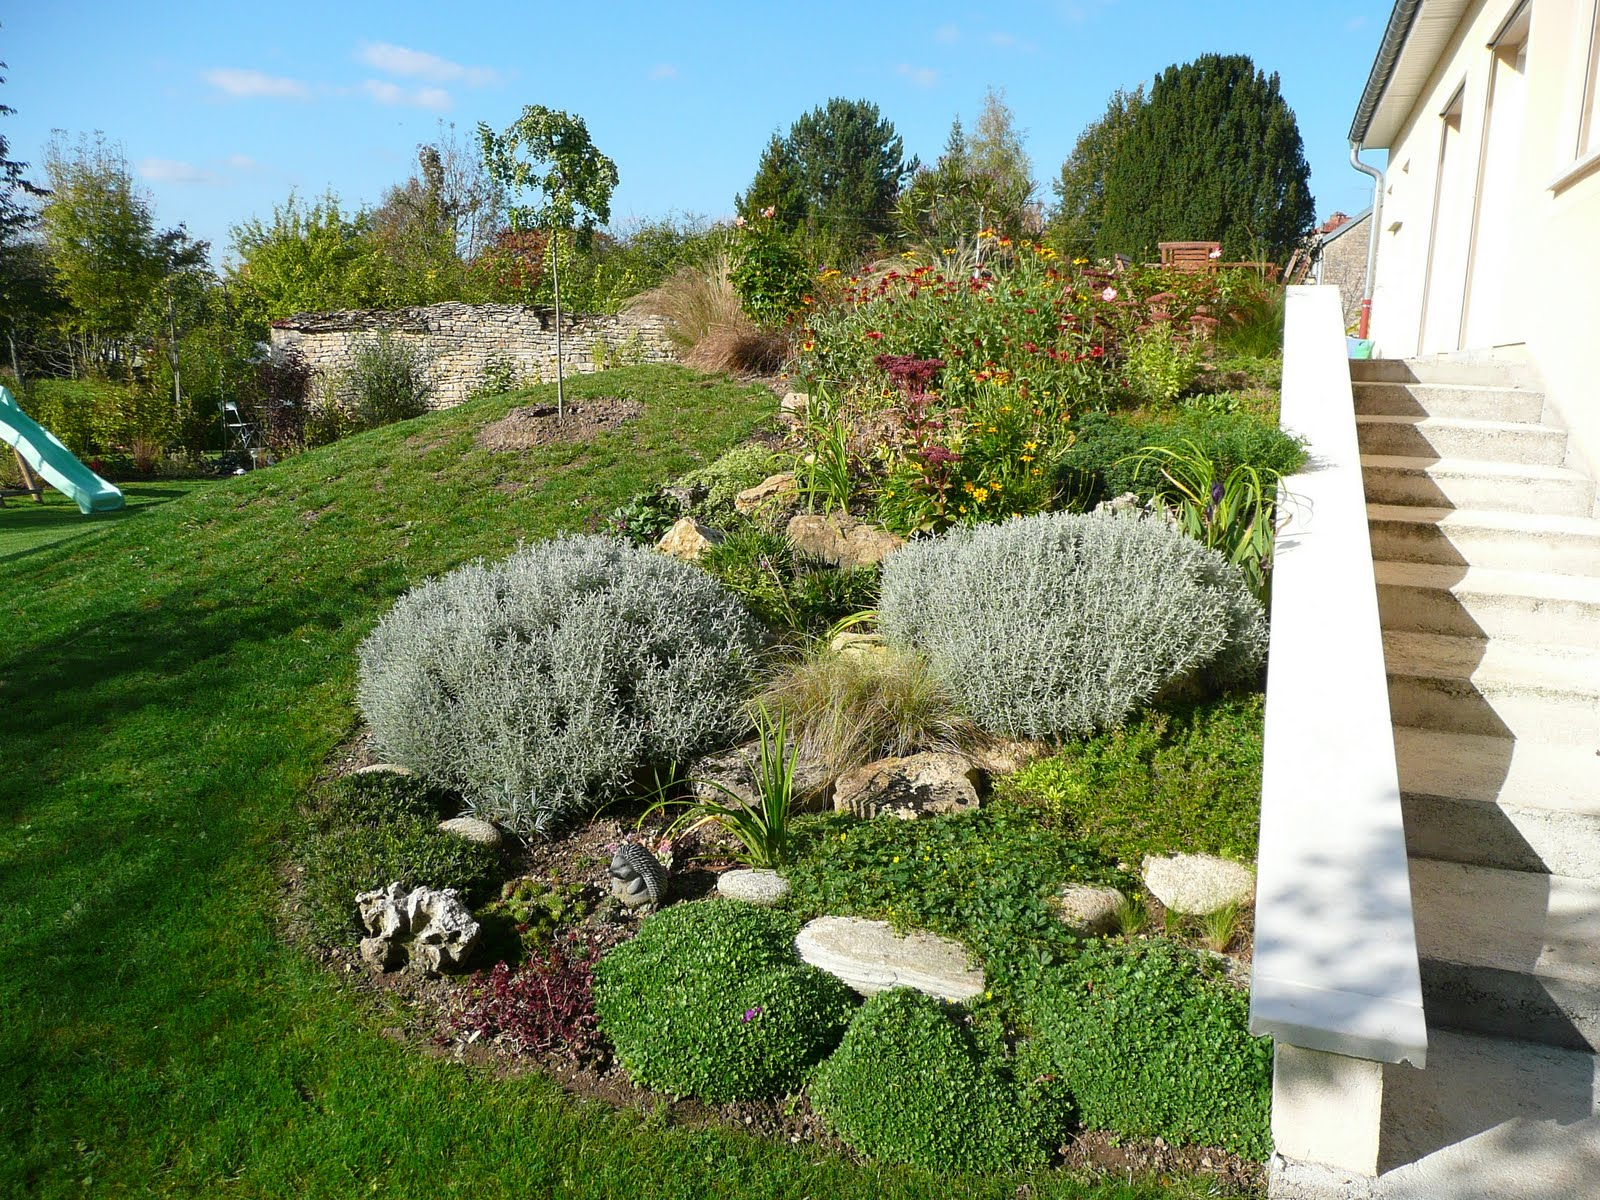 Notre jardin secret agrandissement de la rocaille for Modele de rocaille de jardin